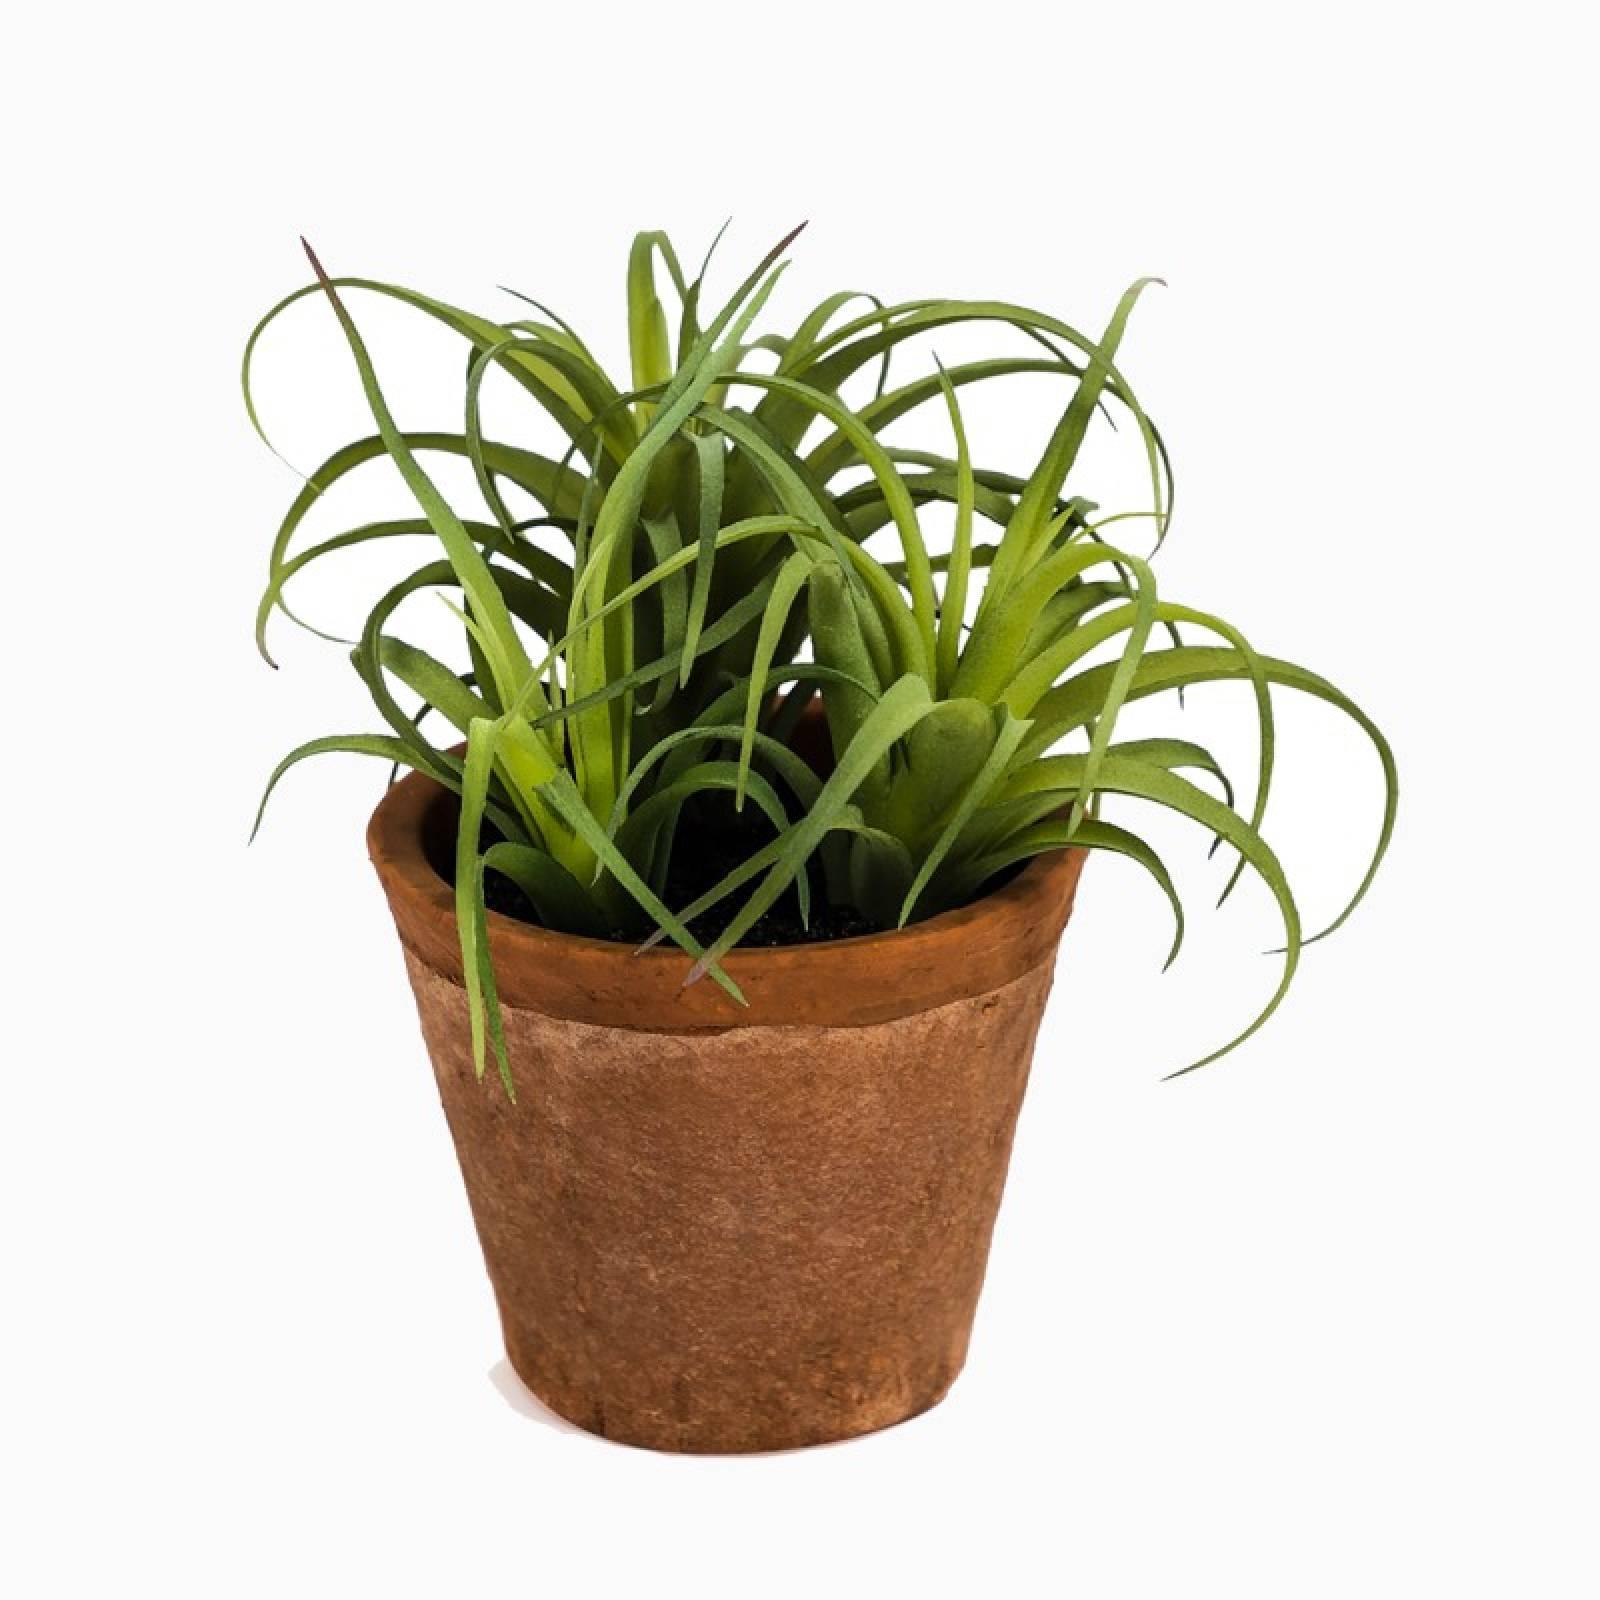 Faux Spider Succulent Plant In Terracotta Pot H:15cm